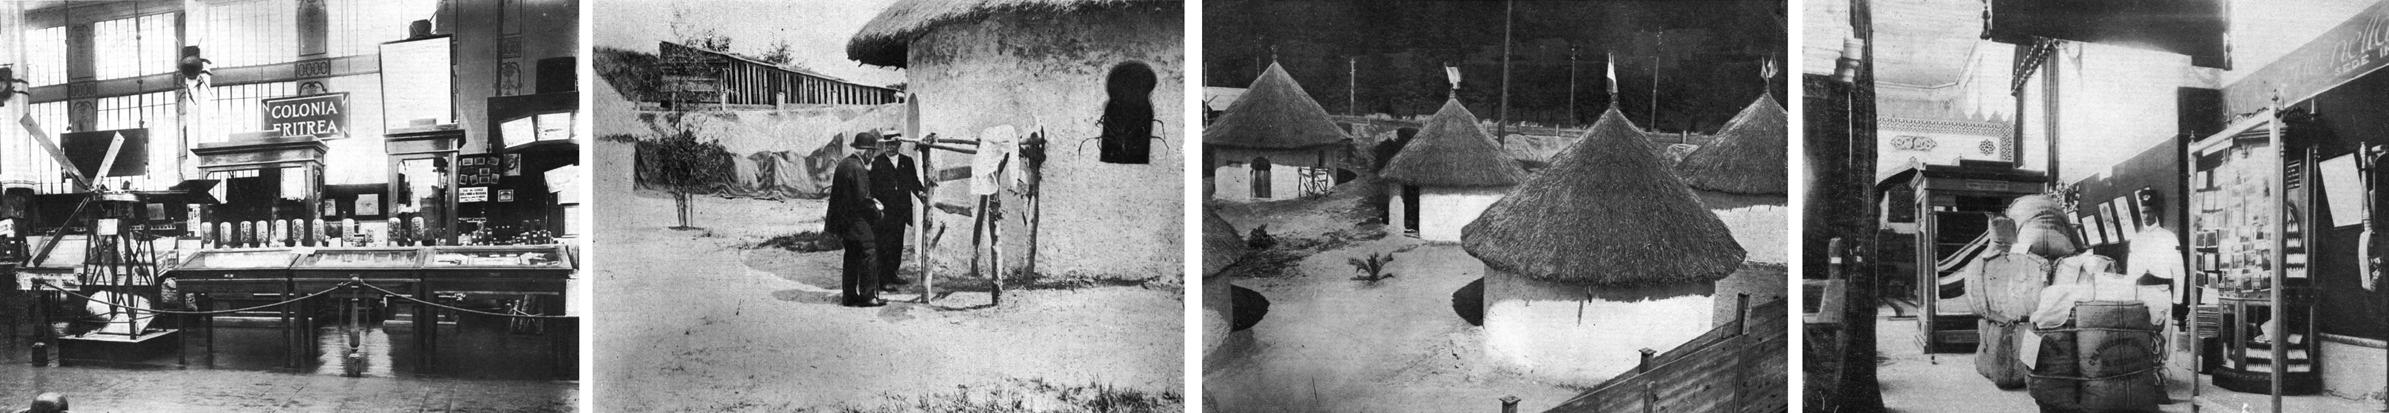 1911, Torino_Esposizione Coloniale_Foto (3)